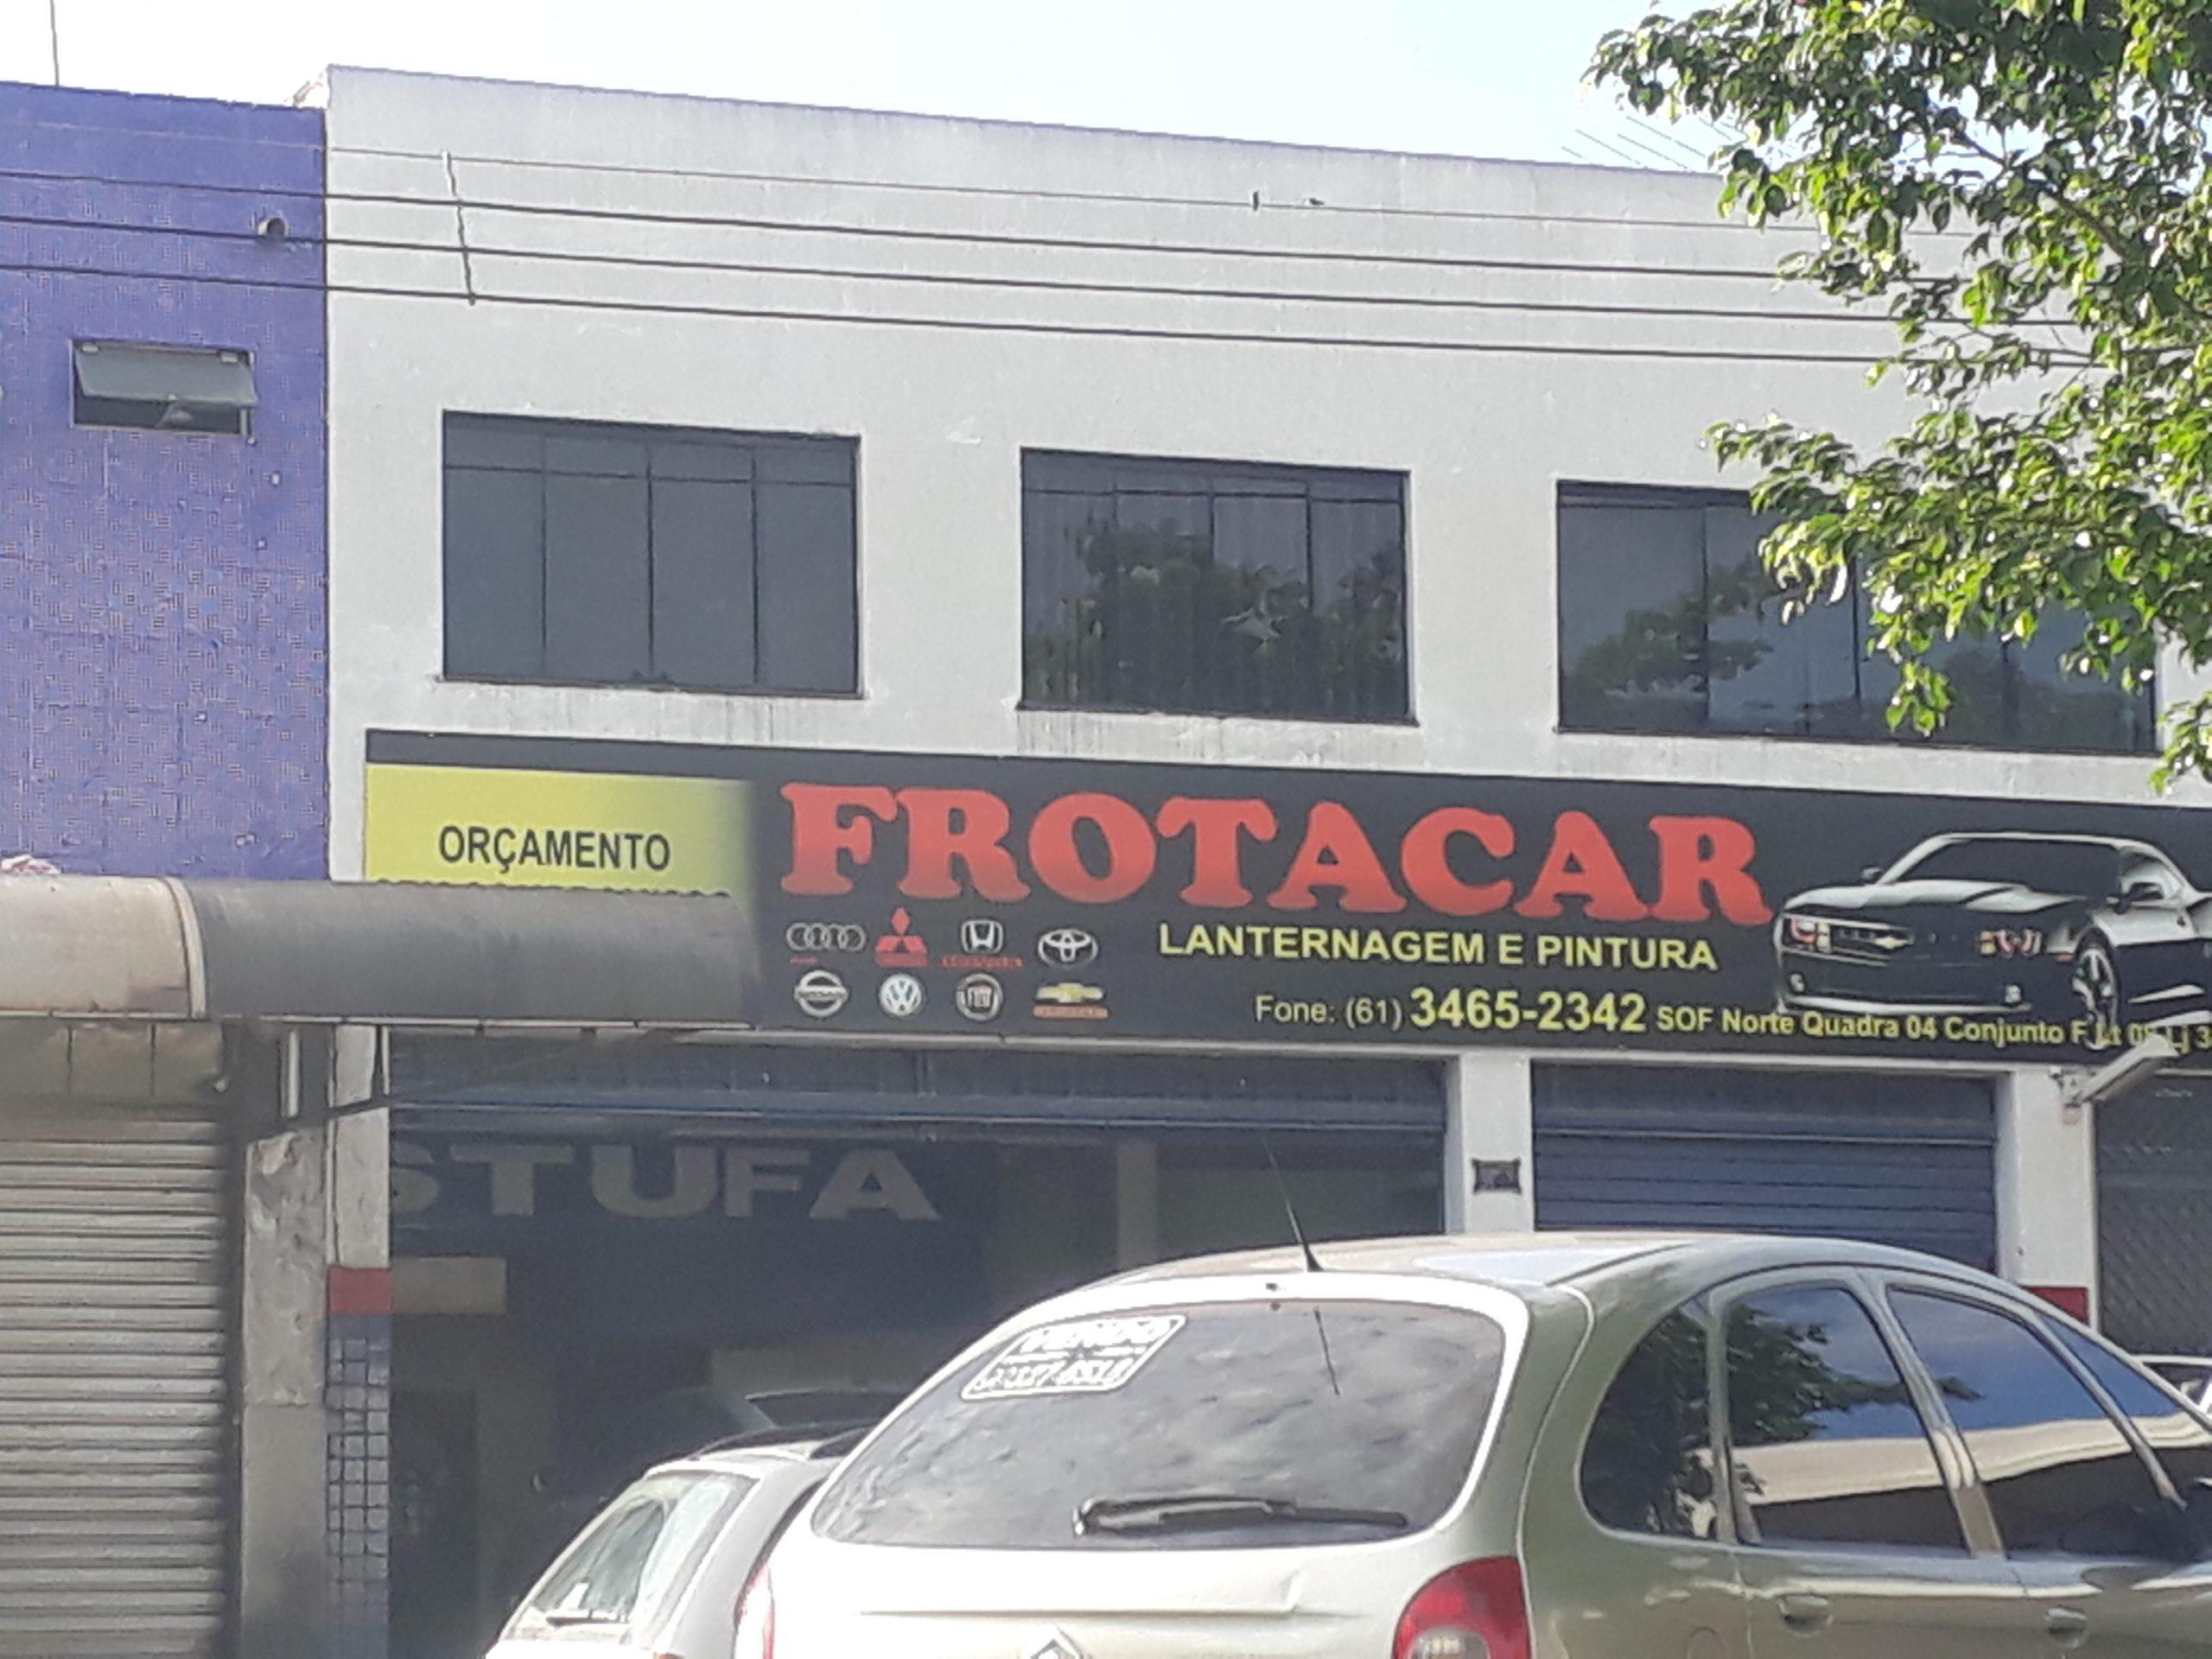 Photo of FROTACAR, LANTERNAGEM E PINTURA, SOF NORTE